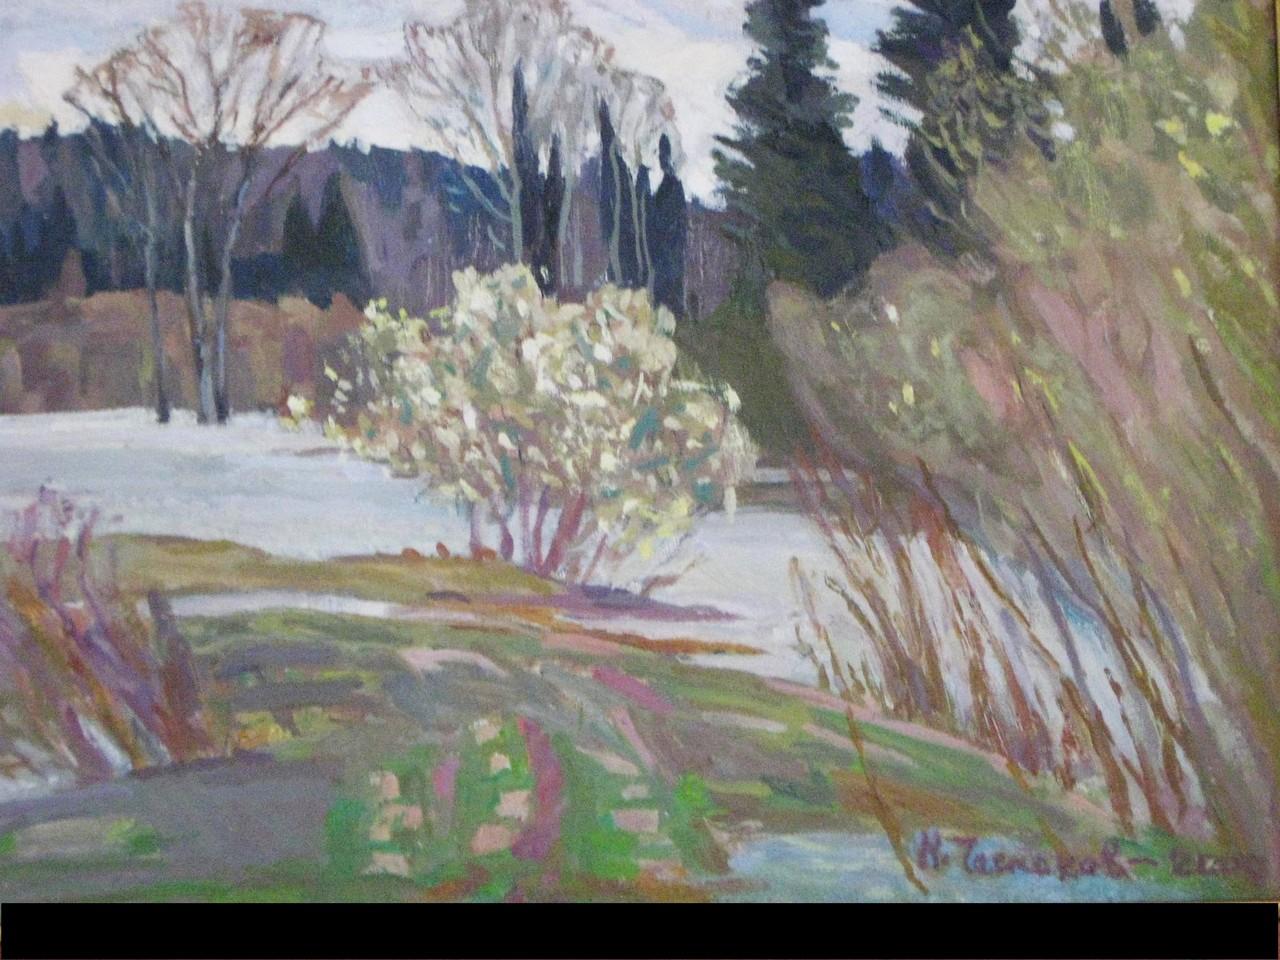 Николай Чесноков.  Верба цветет.  2000 г.  Холст, масло. 45х34 см.